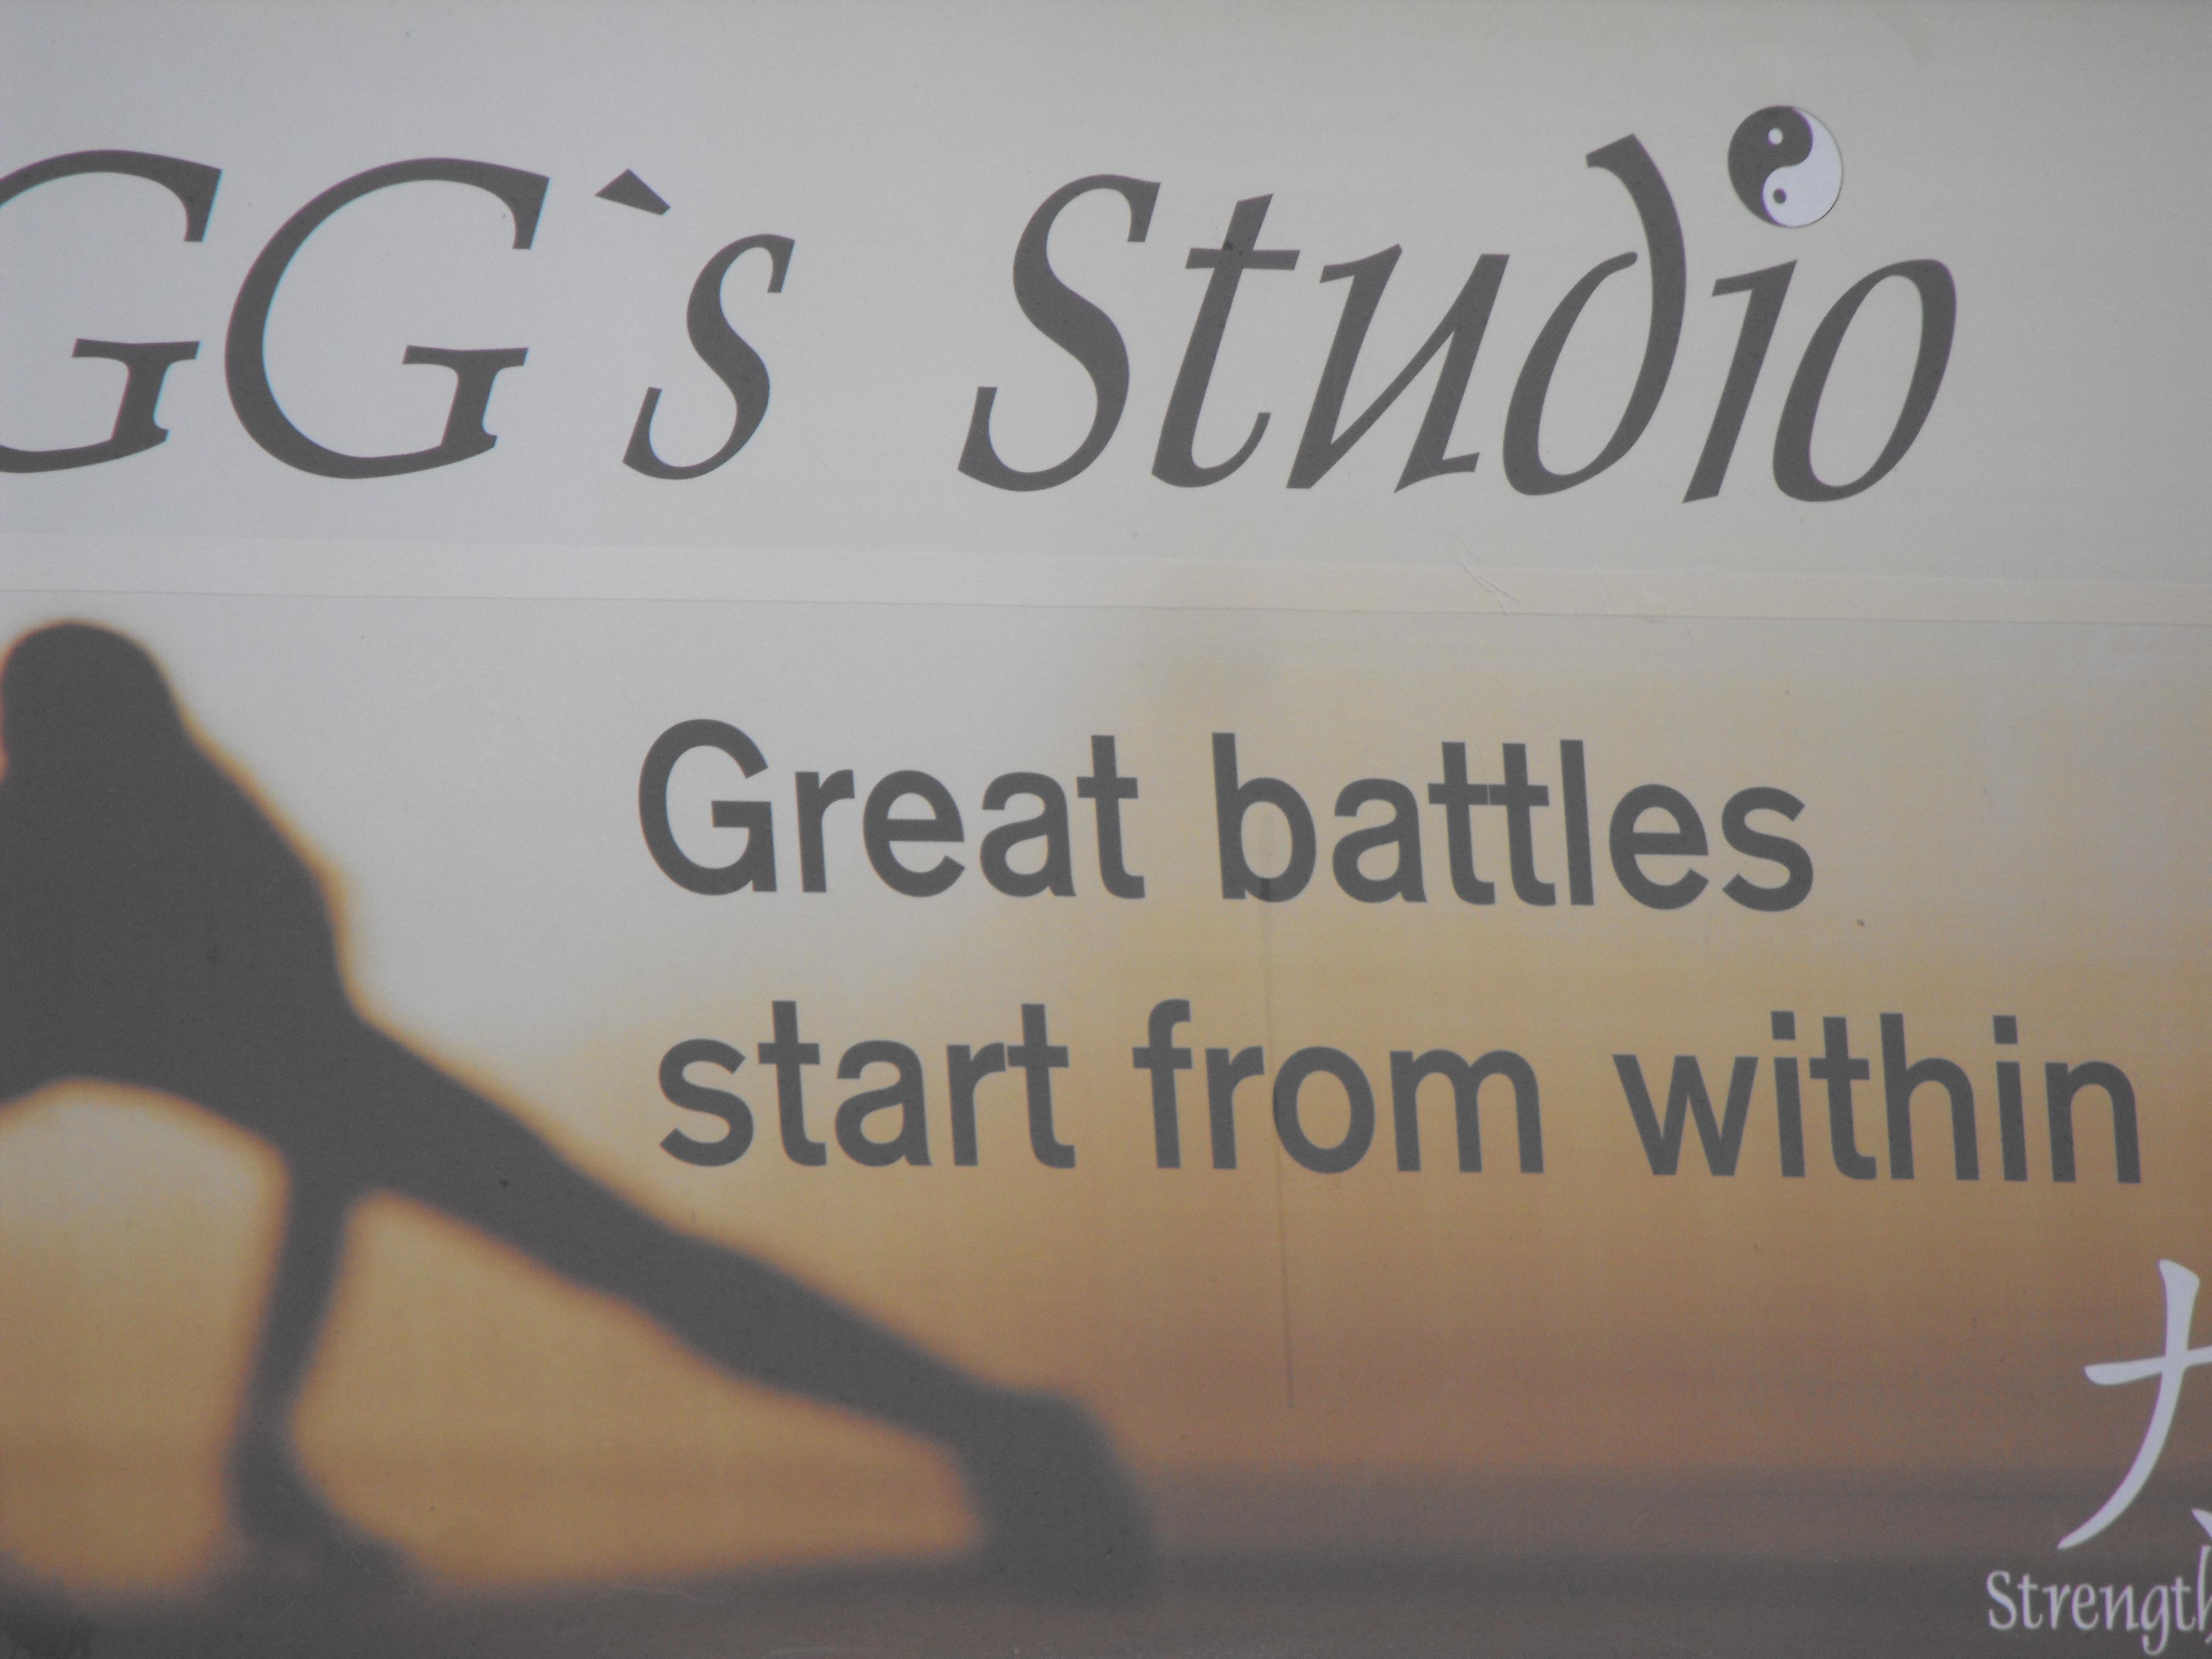 ggs studio